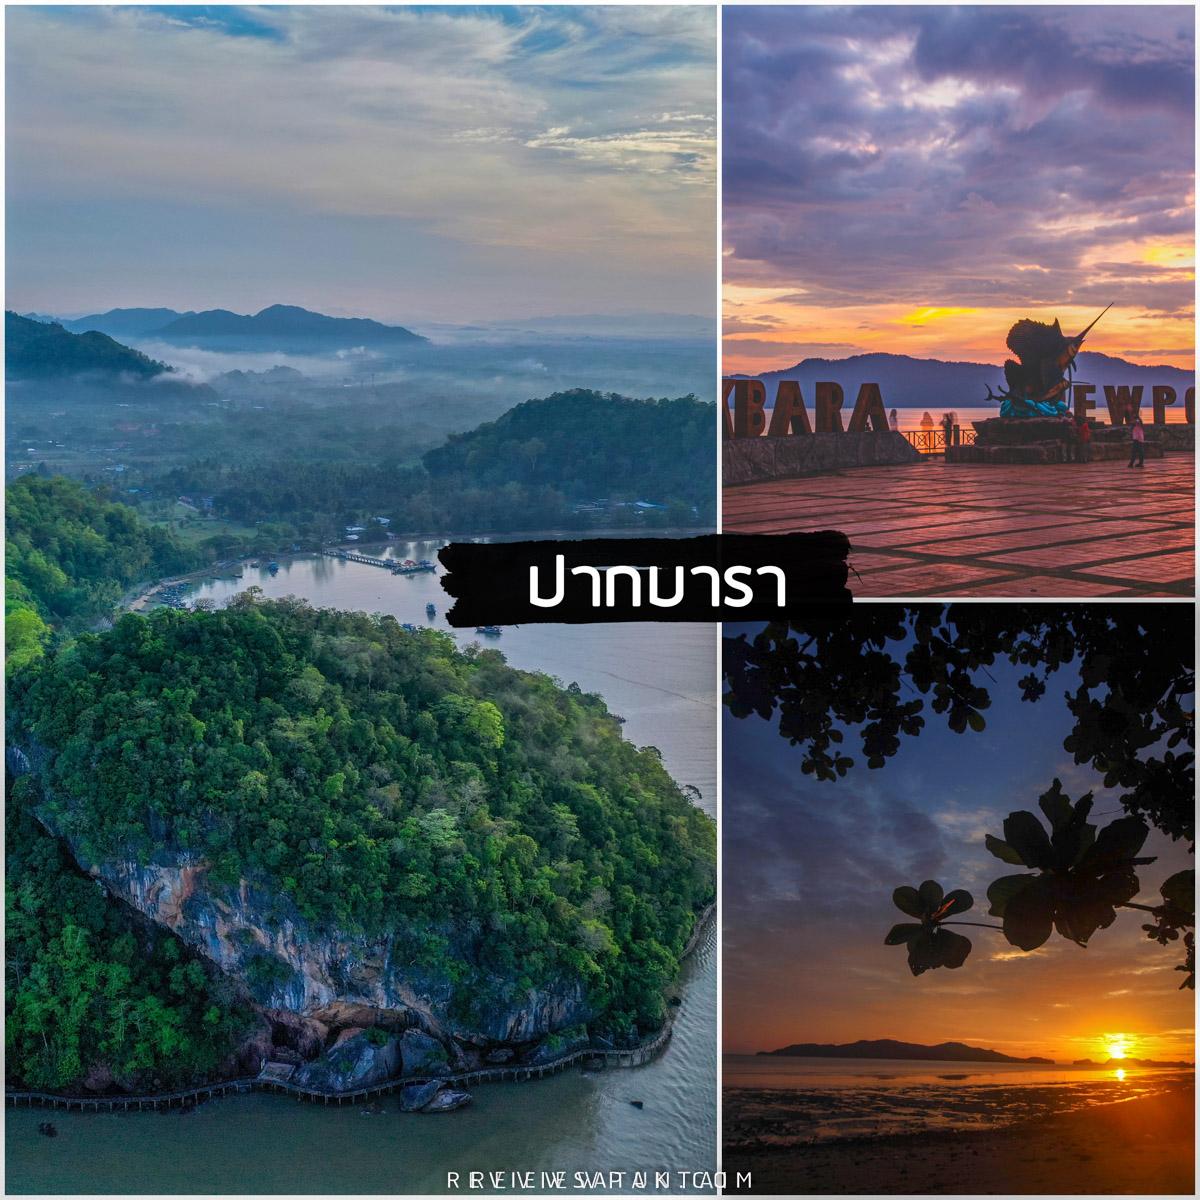 ปากบารา สตูล สถานที่สวย บรรยากาศดี ริมหาดมีร้านอาหารอร่อยเยอะมากพลาดไม่ได้แล้วว รายละเอียด คลิก  จุดเช็คอิน,หลีเป๊ะ,สตูลสดยกกำลังสาม,satunwonderland,เที่ยวเมืองไทยAmazingกว่าเดิม,ชีพจรลงSouth